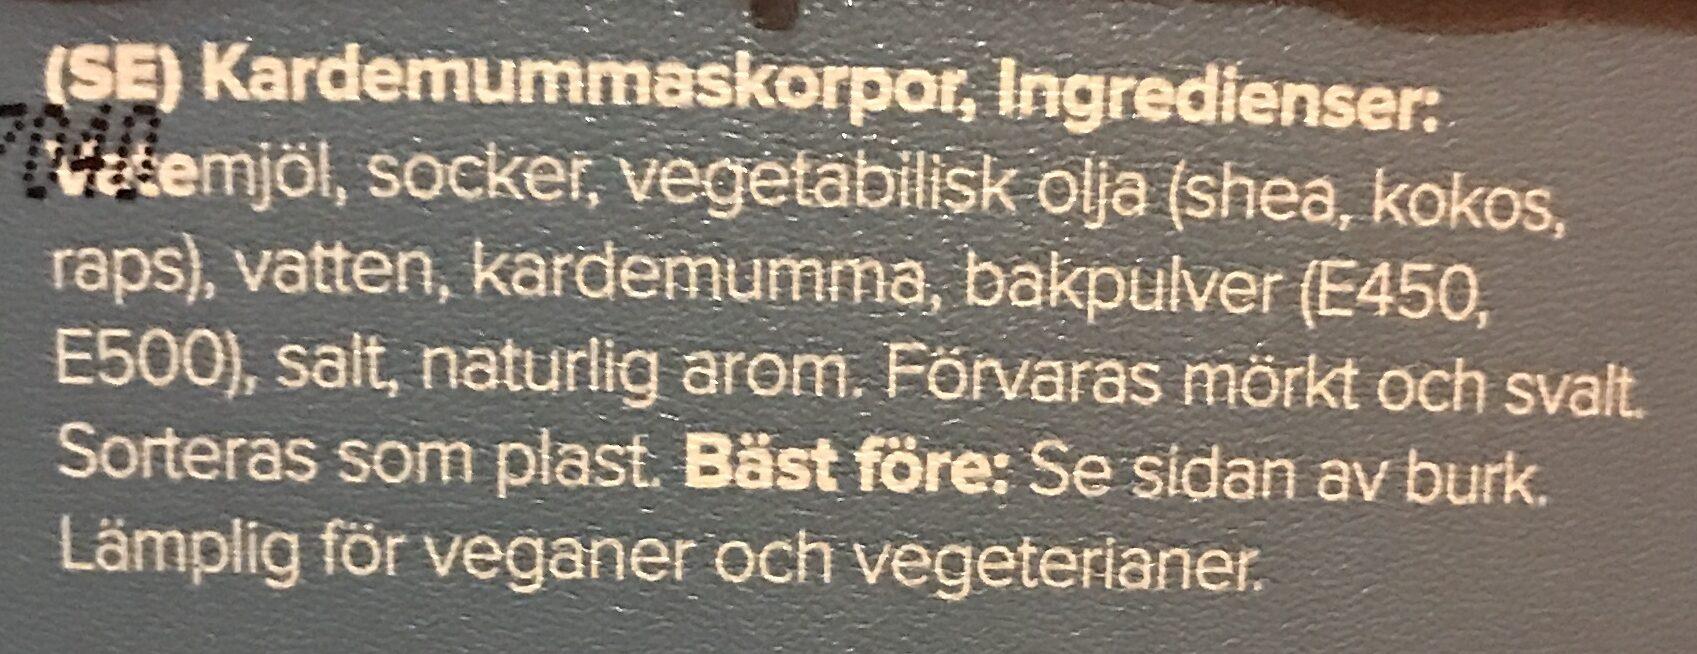 Kardemumma skorpor - Inhaltsstoffe - sv